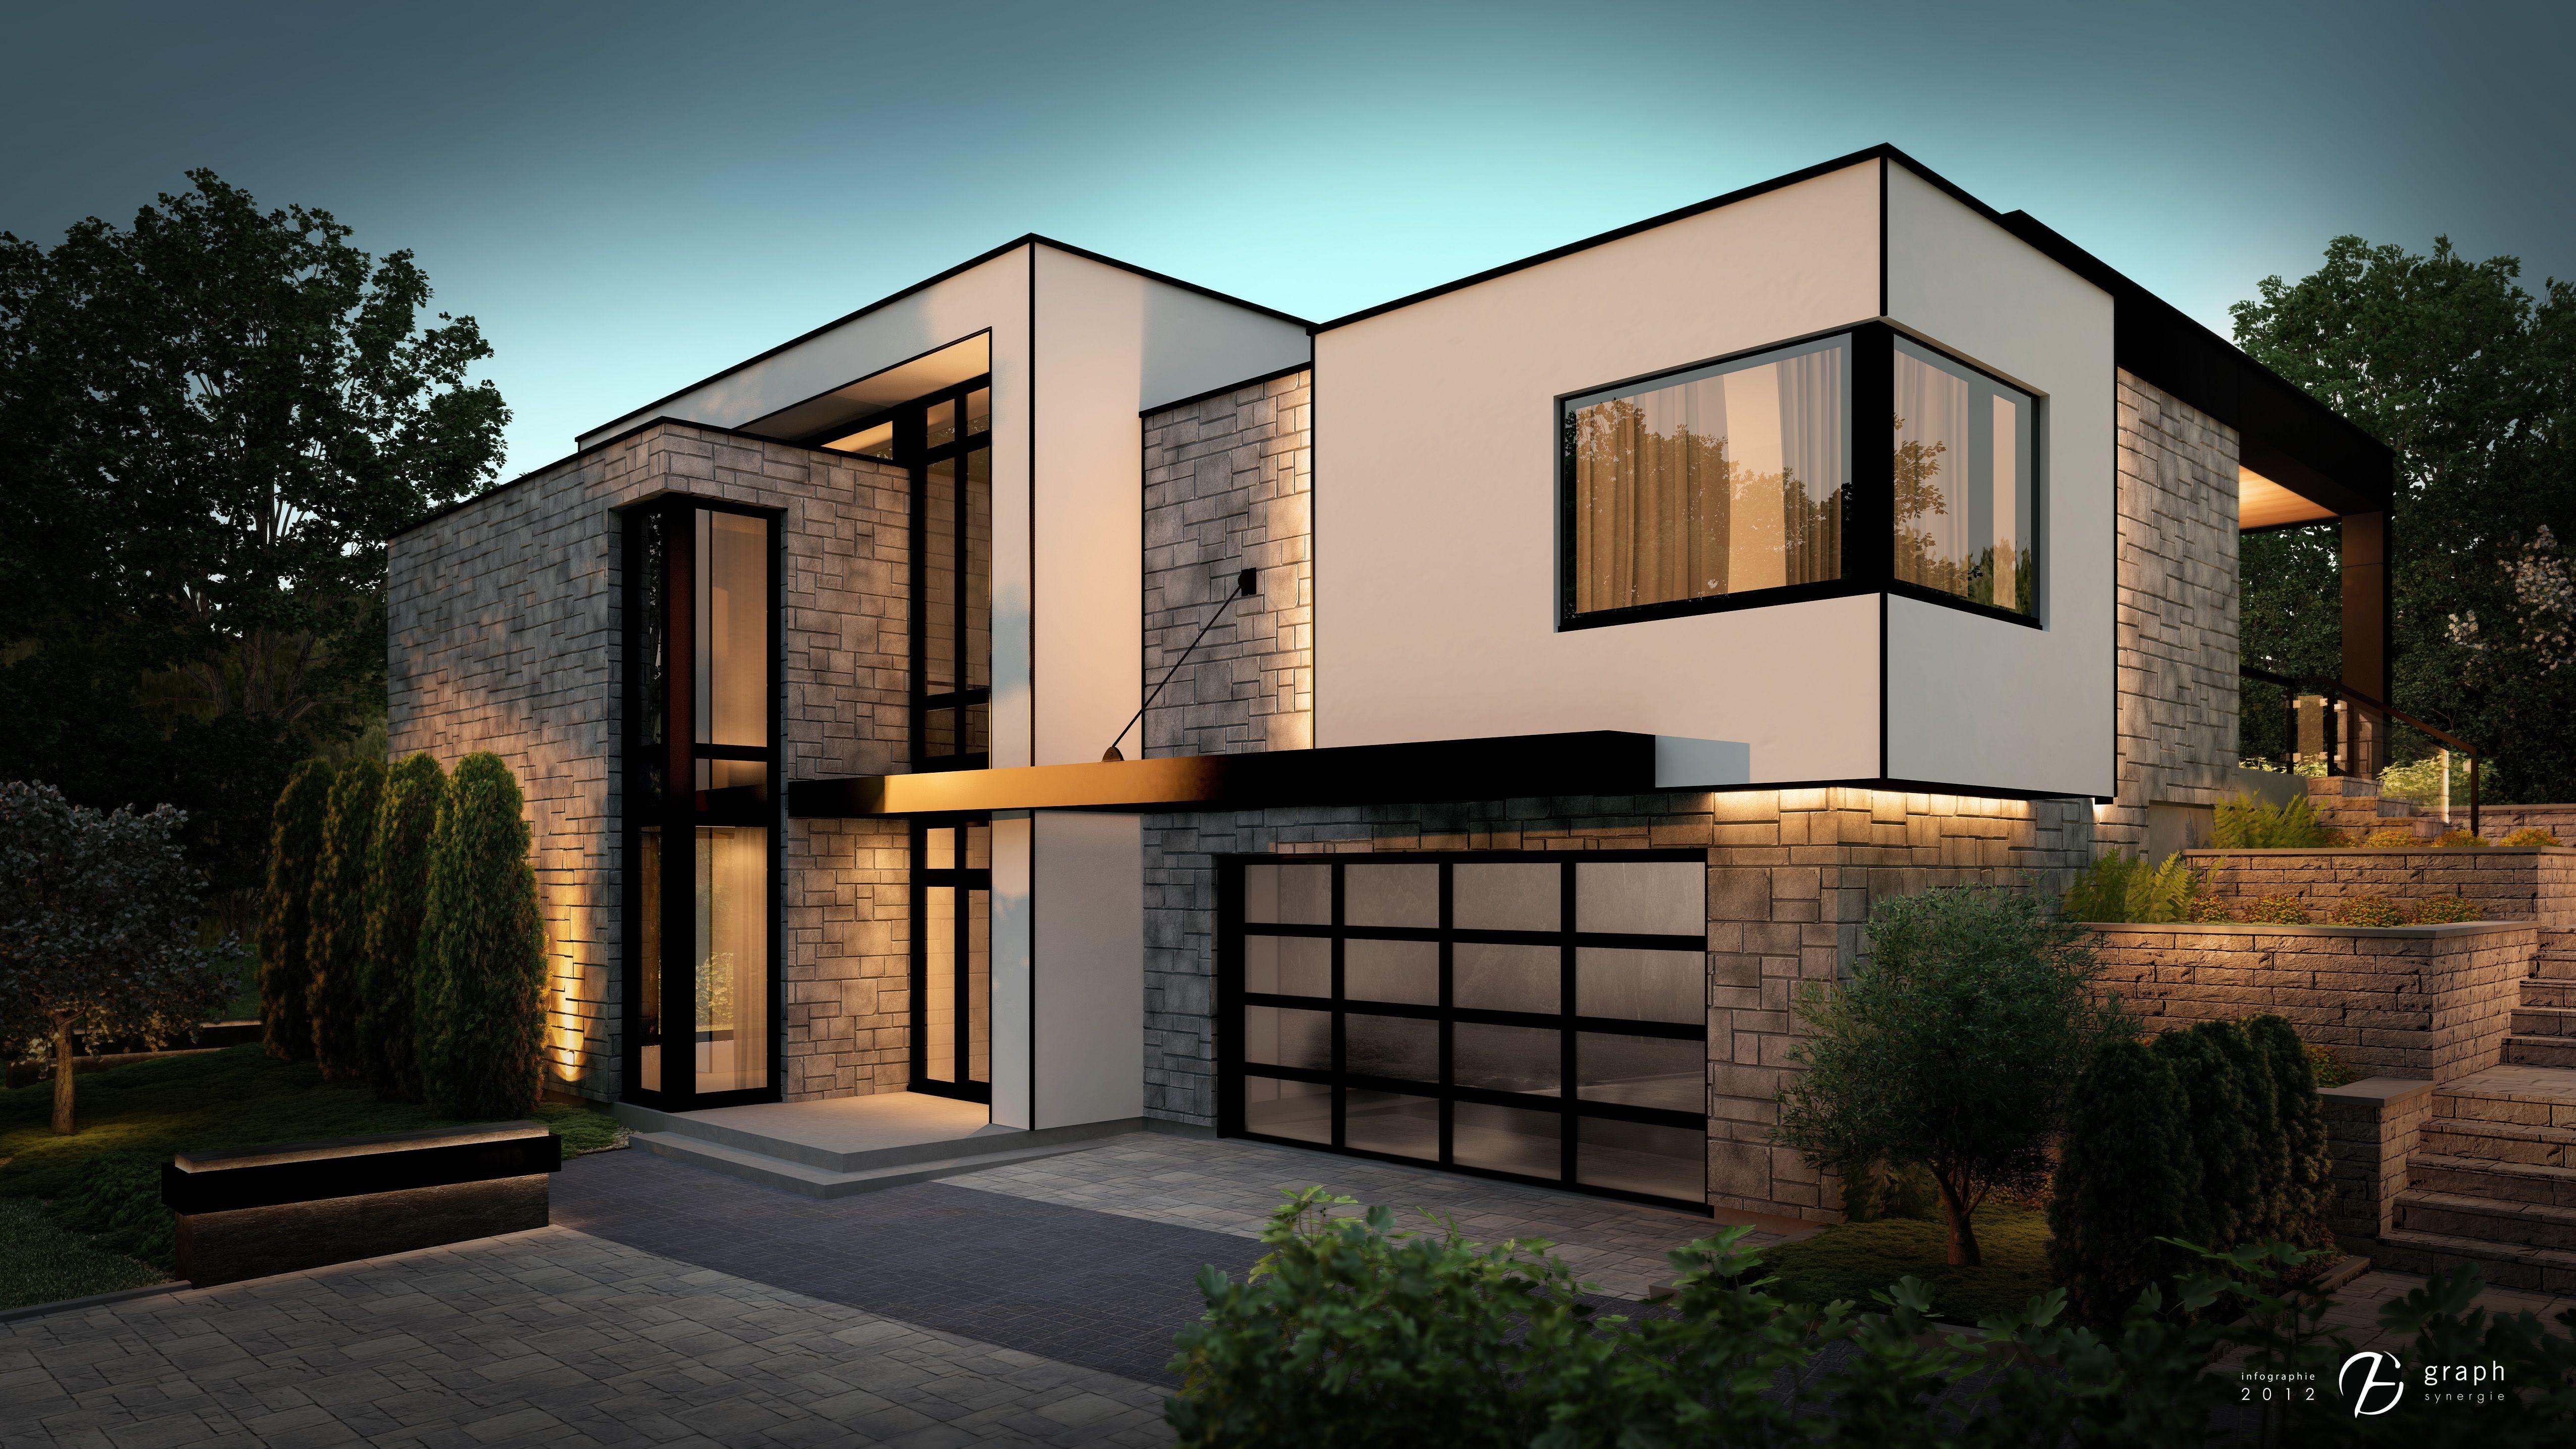 Maison toit plat villa maison villa de luxe maison contemporaine toit plat maison contemporaine architecte maison contemporaine exterieur plan maison